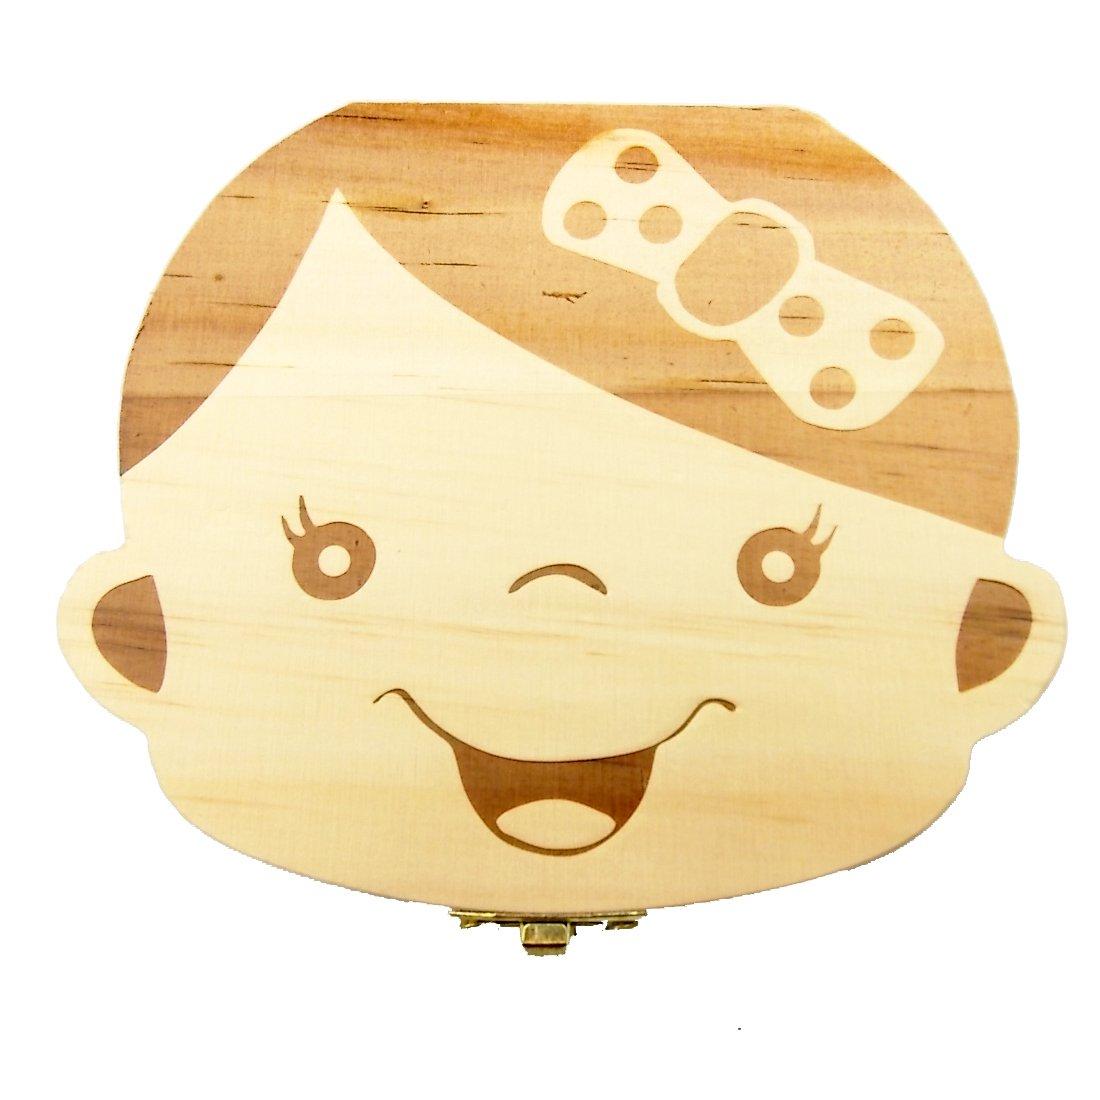 Caja de madera de 2 piezas, de JJOnlineStore, para almacenamiento y organización de los dientes de leche, regalo de recuerdo personalizado con diseño de dibujo animado infantil, decoración para guardería Talla:2 Pcs Girls JJ Baby 51206-207